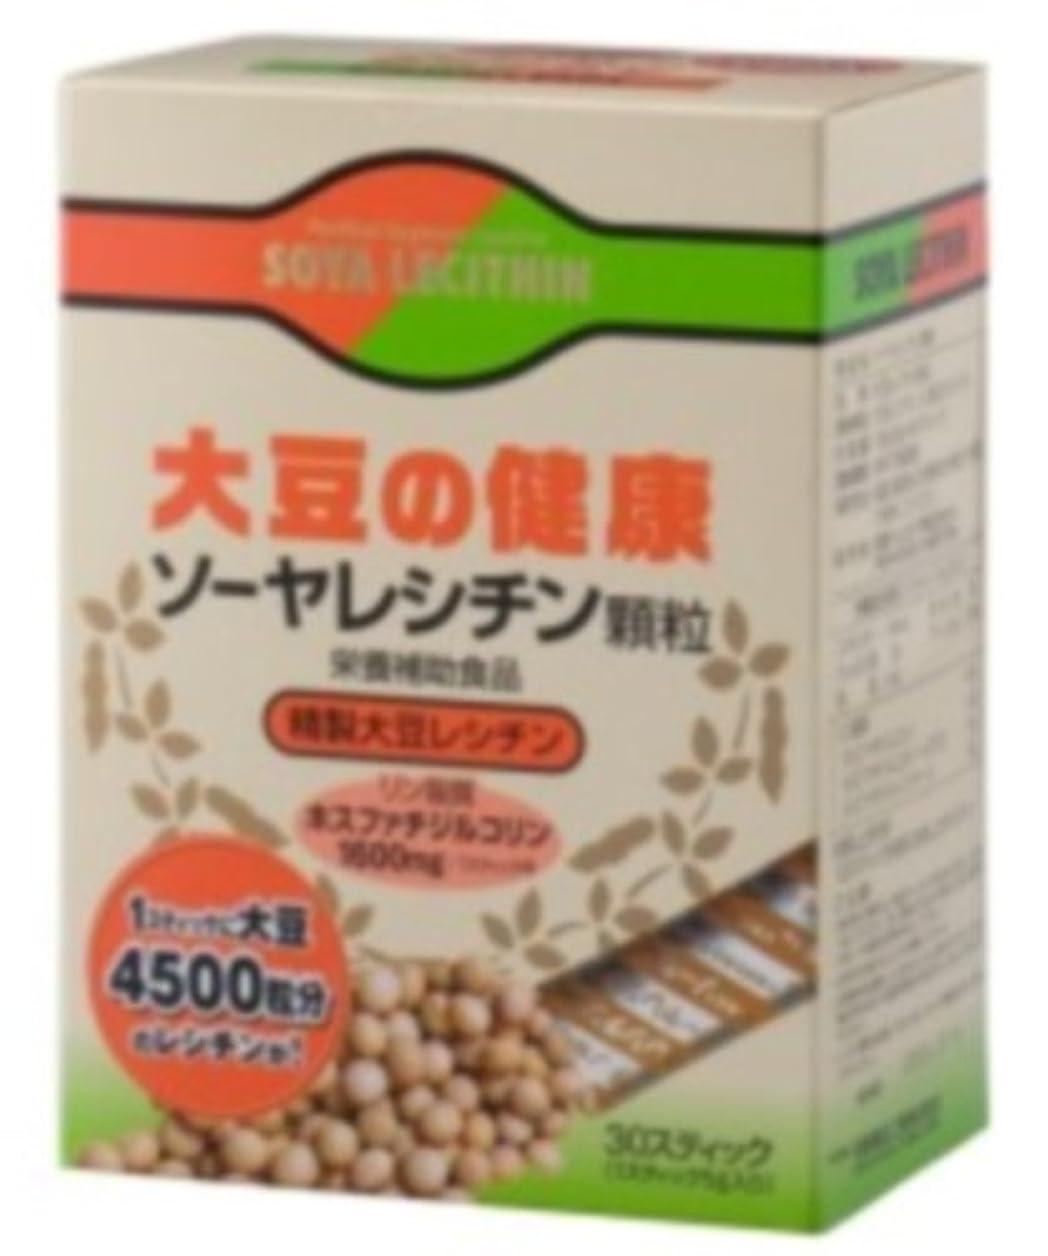 フォーマル不適脇にソーヤレシチン顆粒 30包